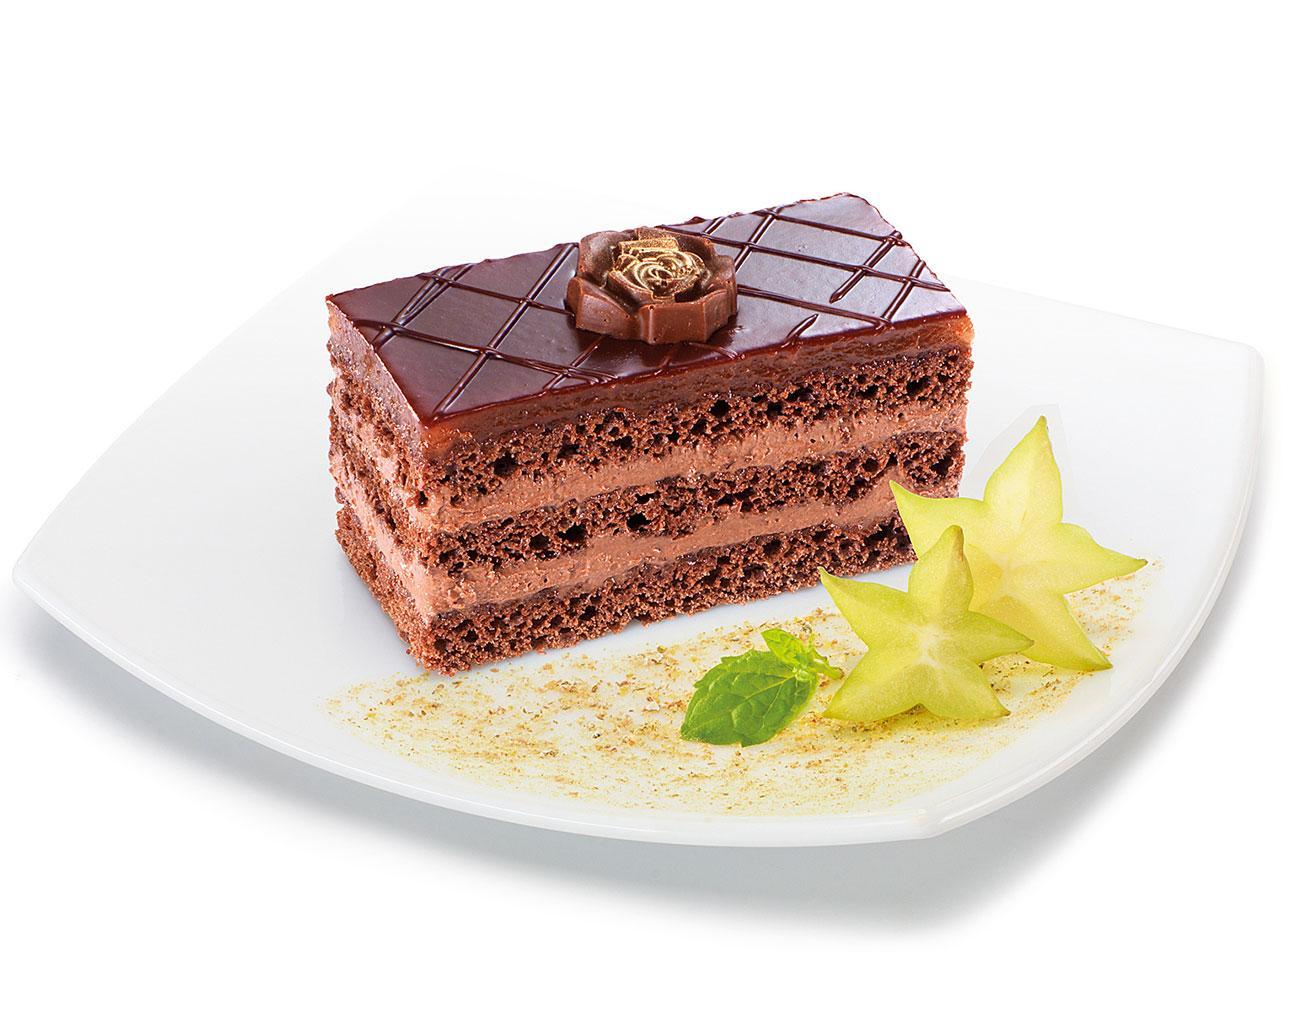 Пирожное Слоянка с какао в шоколадной глазури и с нежным кремом